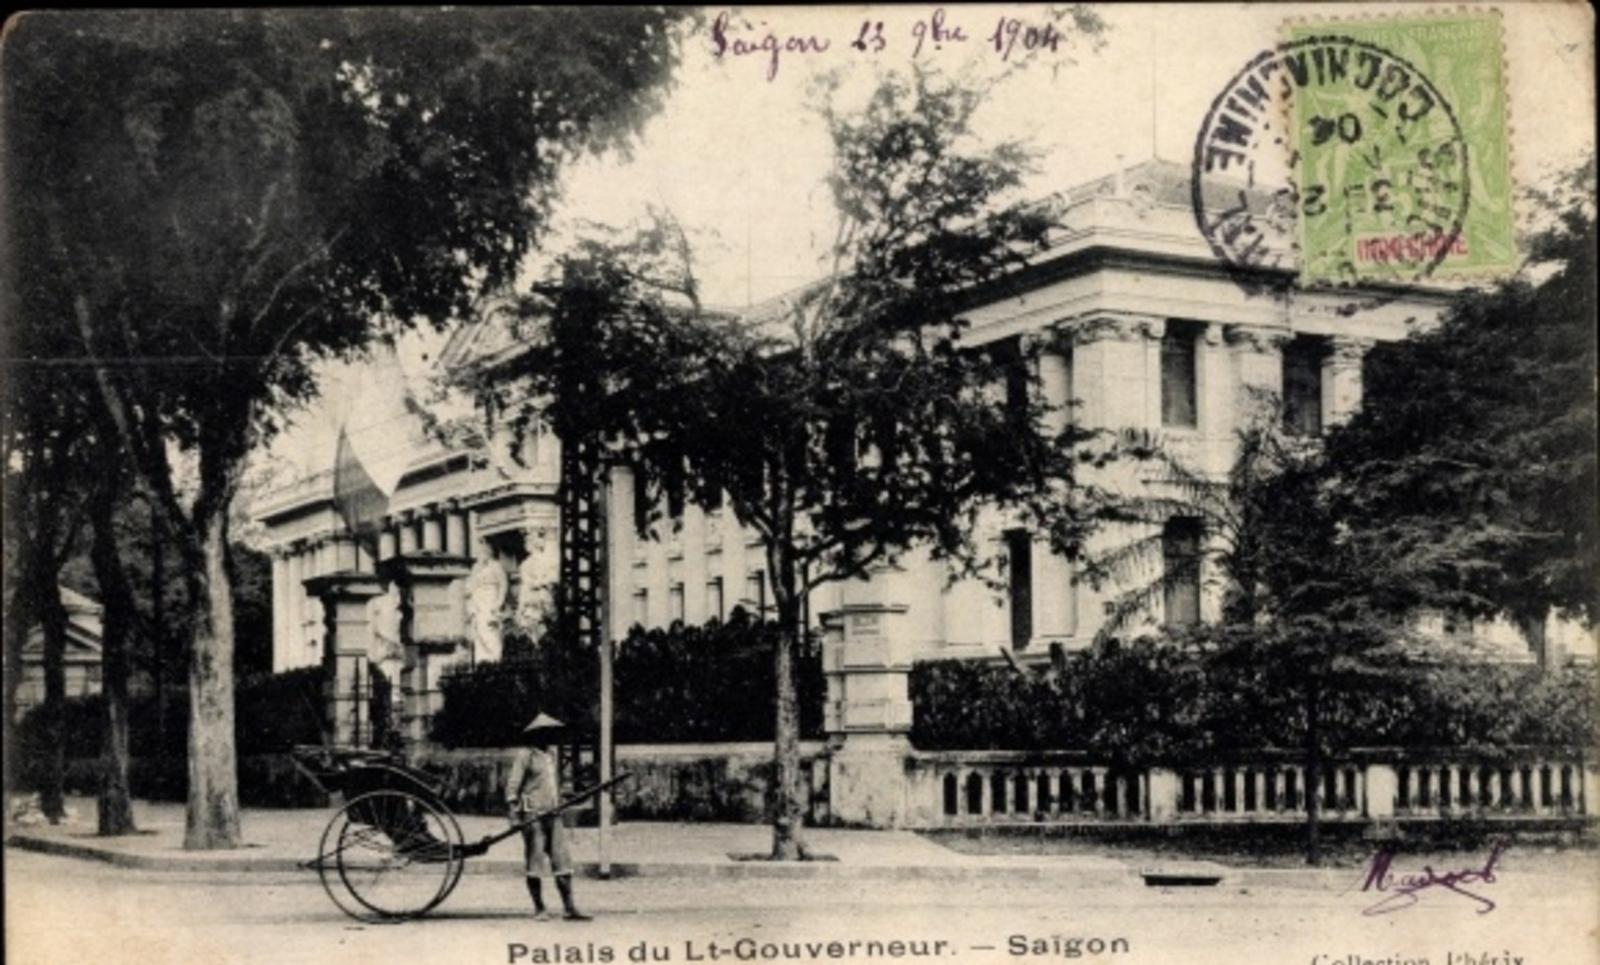 Hô Chi Minh-Ville -  Cp Saigon Cochinchine Vietnam, Palais du Lt. Gouverneur